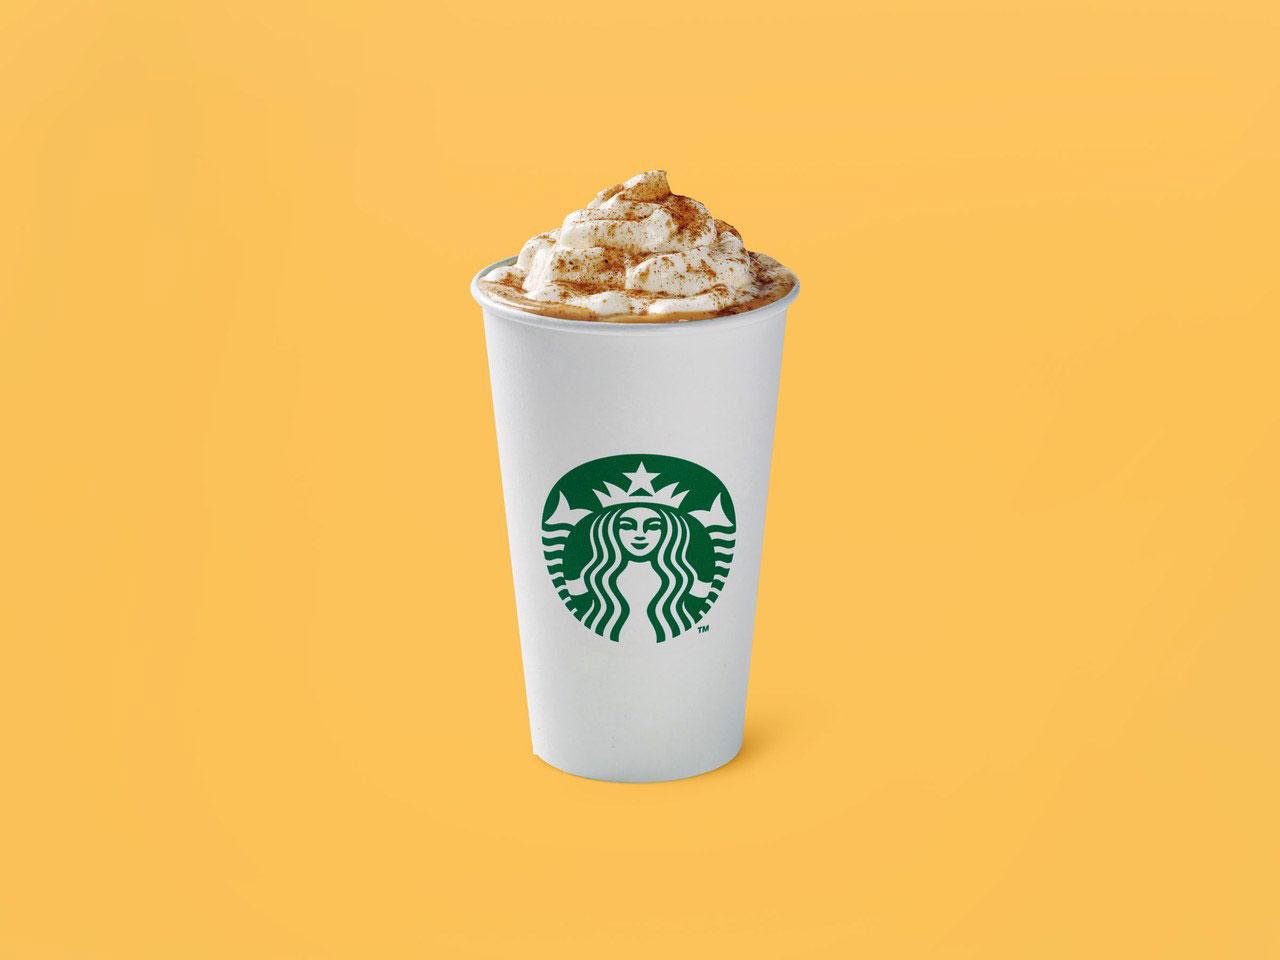 VegNews.StarbucksPSL